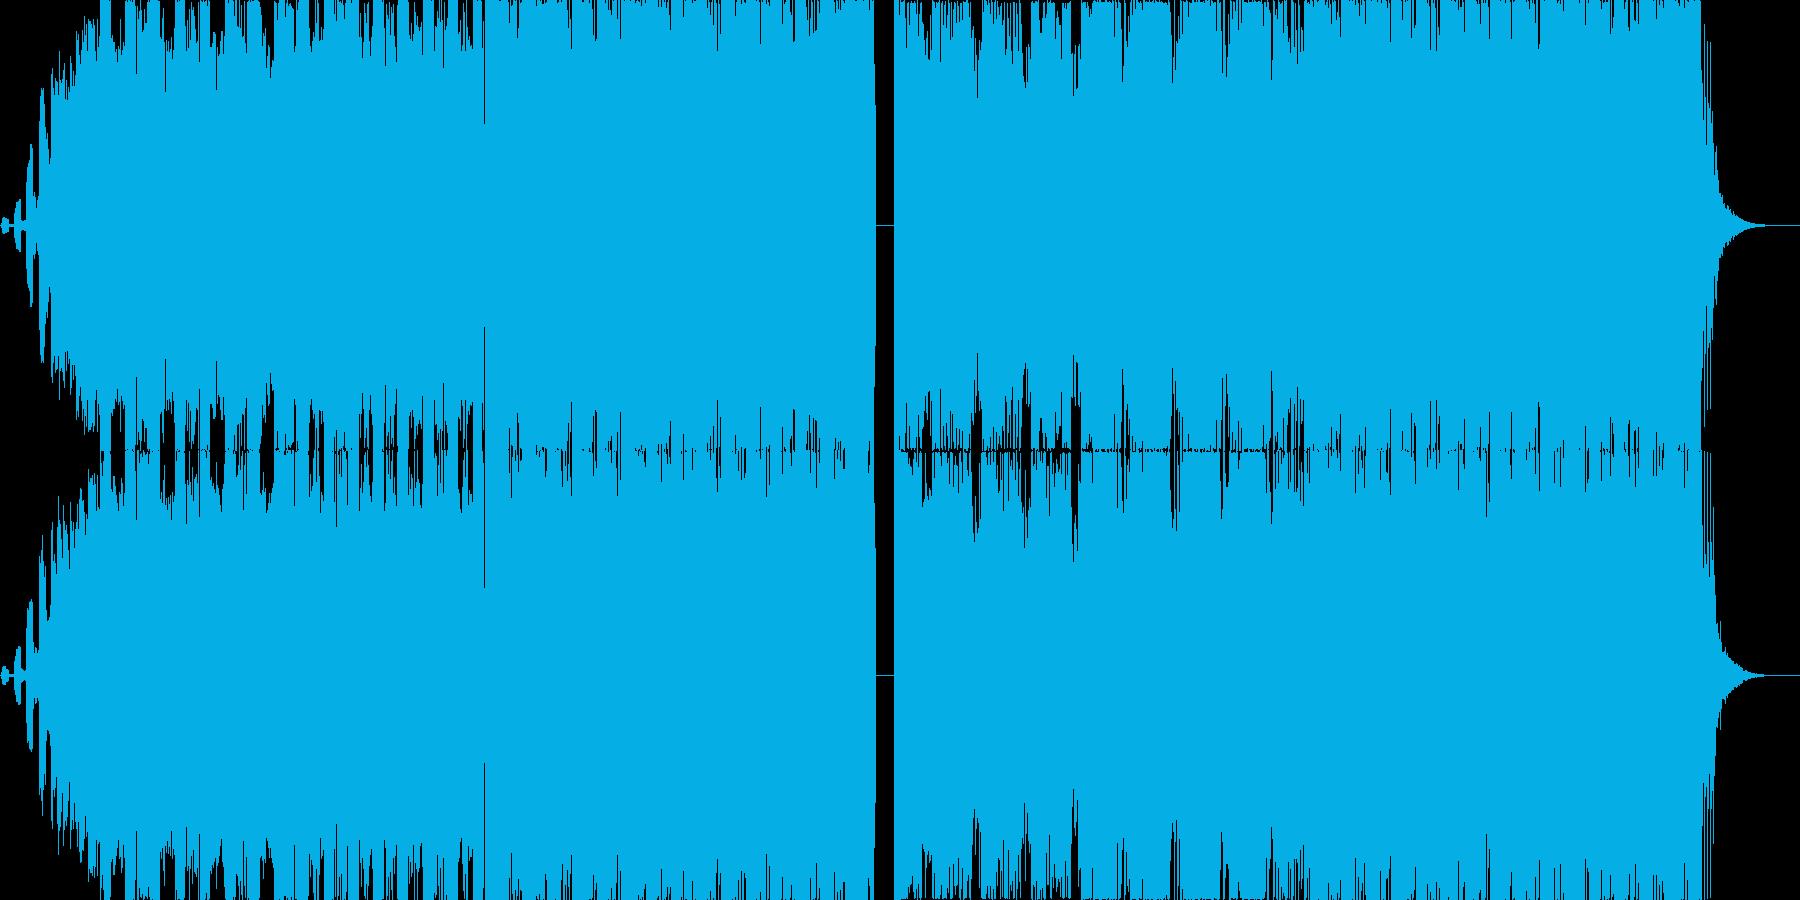 カッコ可愛いFutue Bass EDMの再生済みの波形